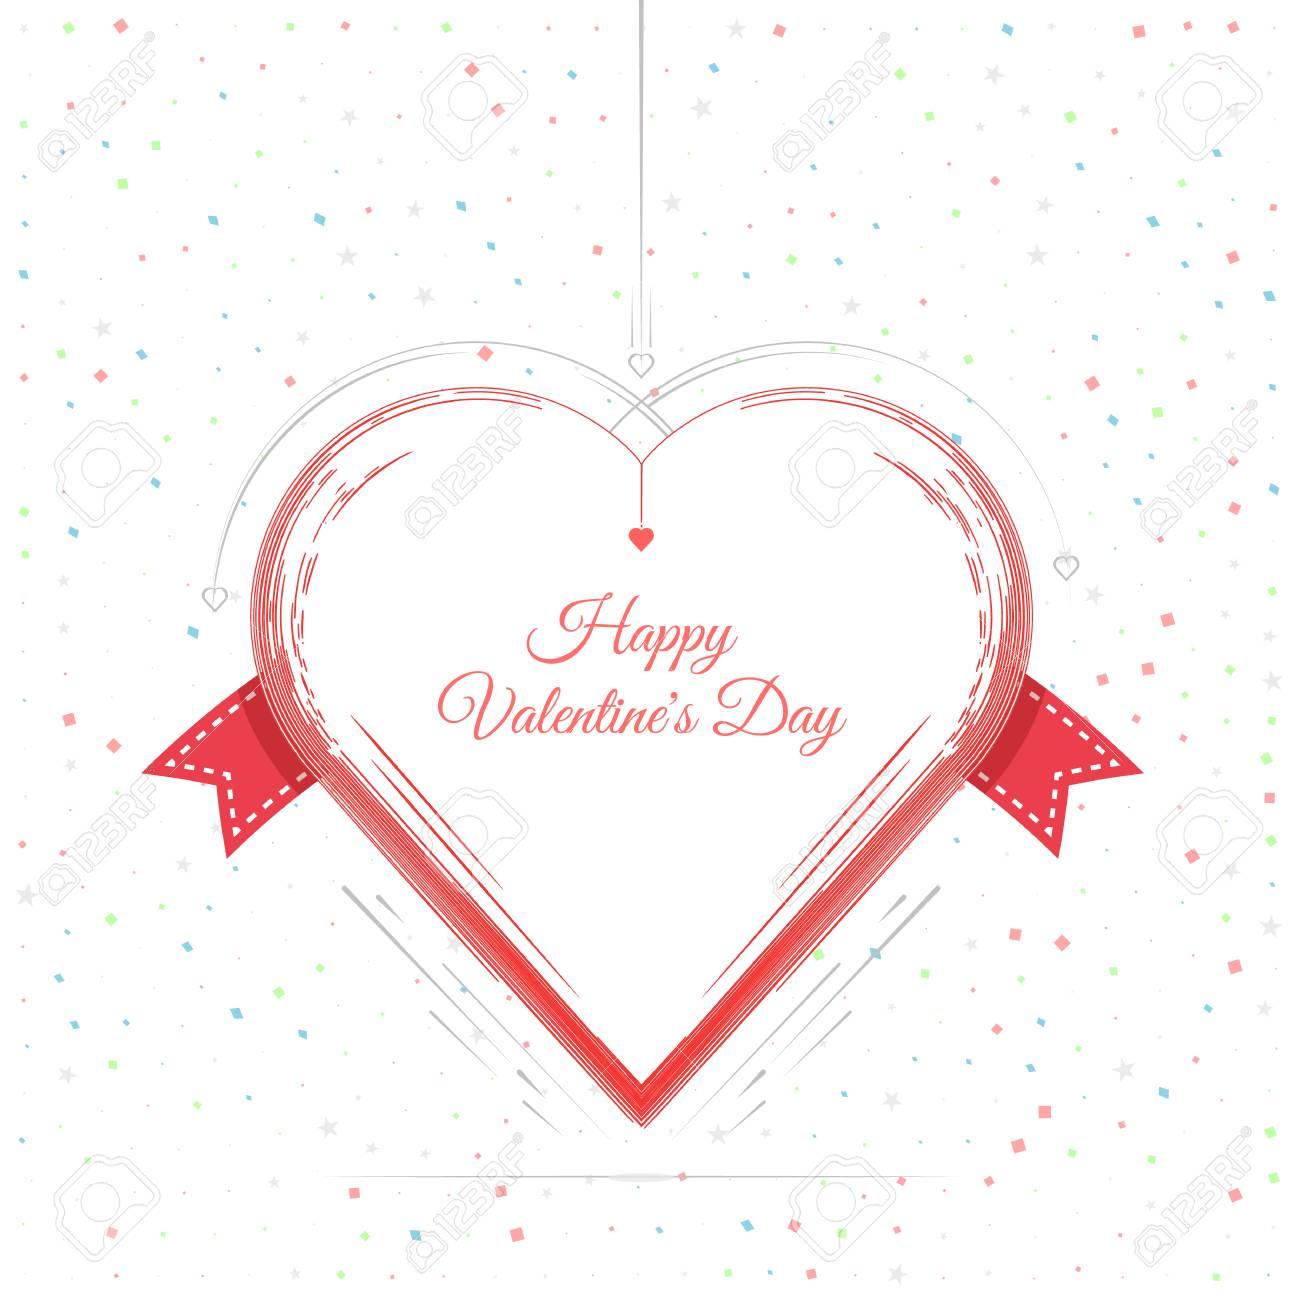 Tarjeta De San Valentín Día Letras Corazón Rojo. 14 De Febrero De ...